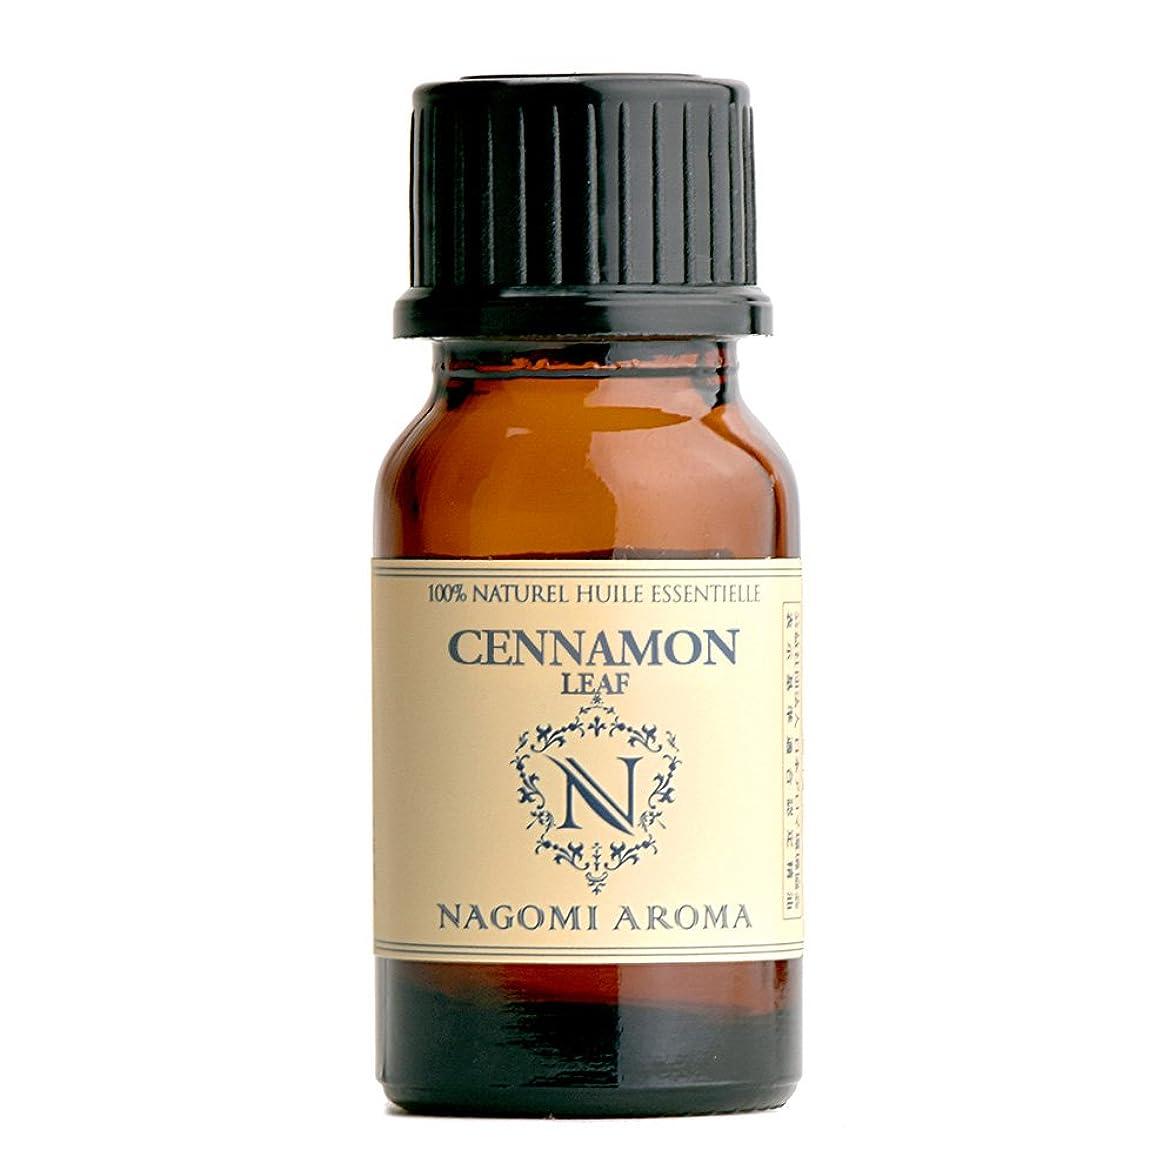 説得インク聖歌NAGOMI AROMA シナモンリーフ 10ml 【AEAJ認定精油】【アロマオイル】